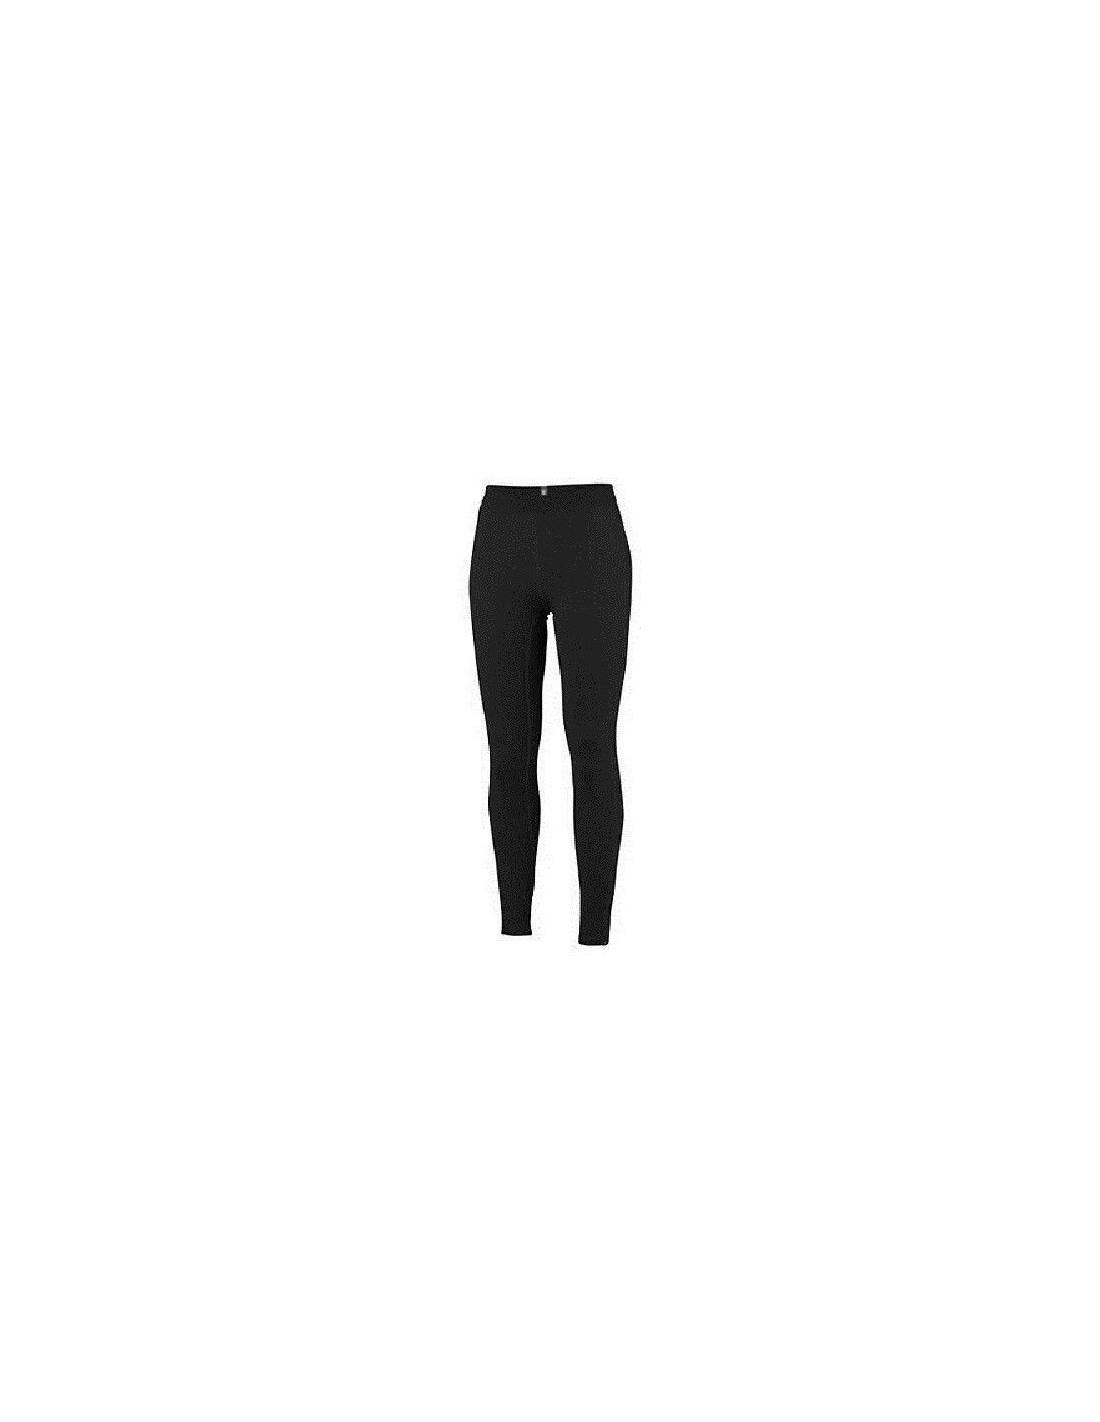 COLUMBIA poids moyen de la COUCHE de BASE collants mi-poids femmes black